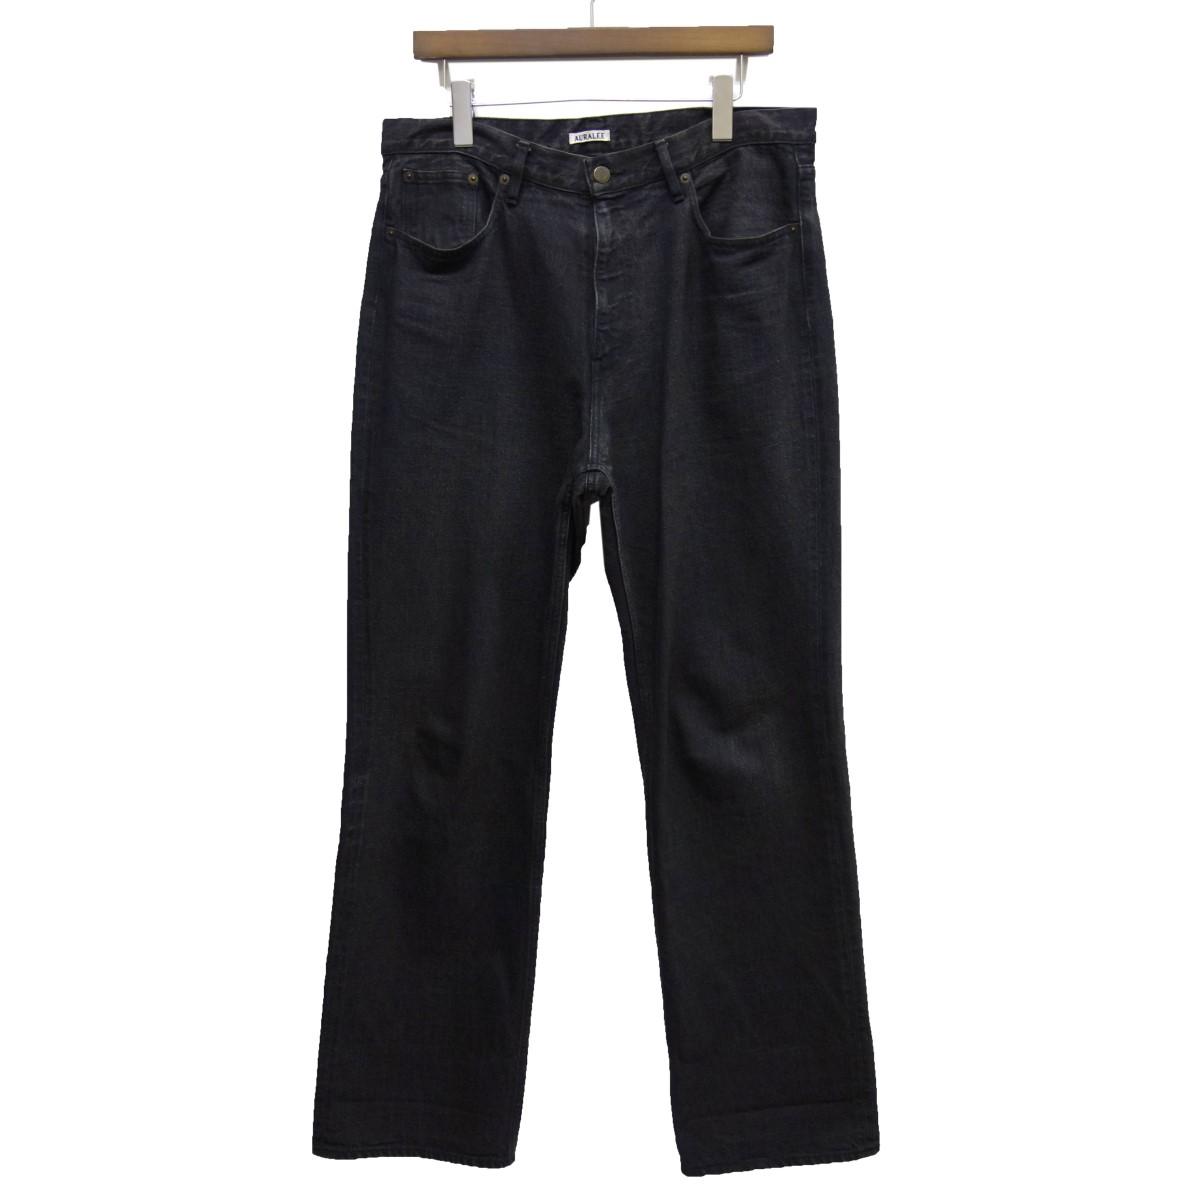 【中古】AURALEE19SS「WASH HARD TWIST DNIM 5P PANTS」ハードツイストデニムパンツ ブラック サイズ:36 【6月4日見直し】